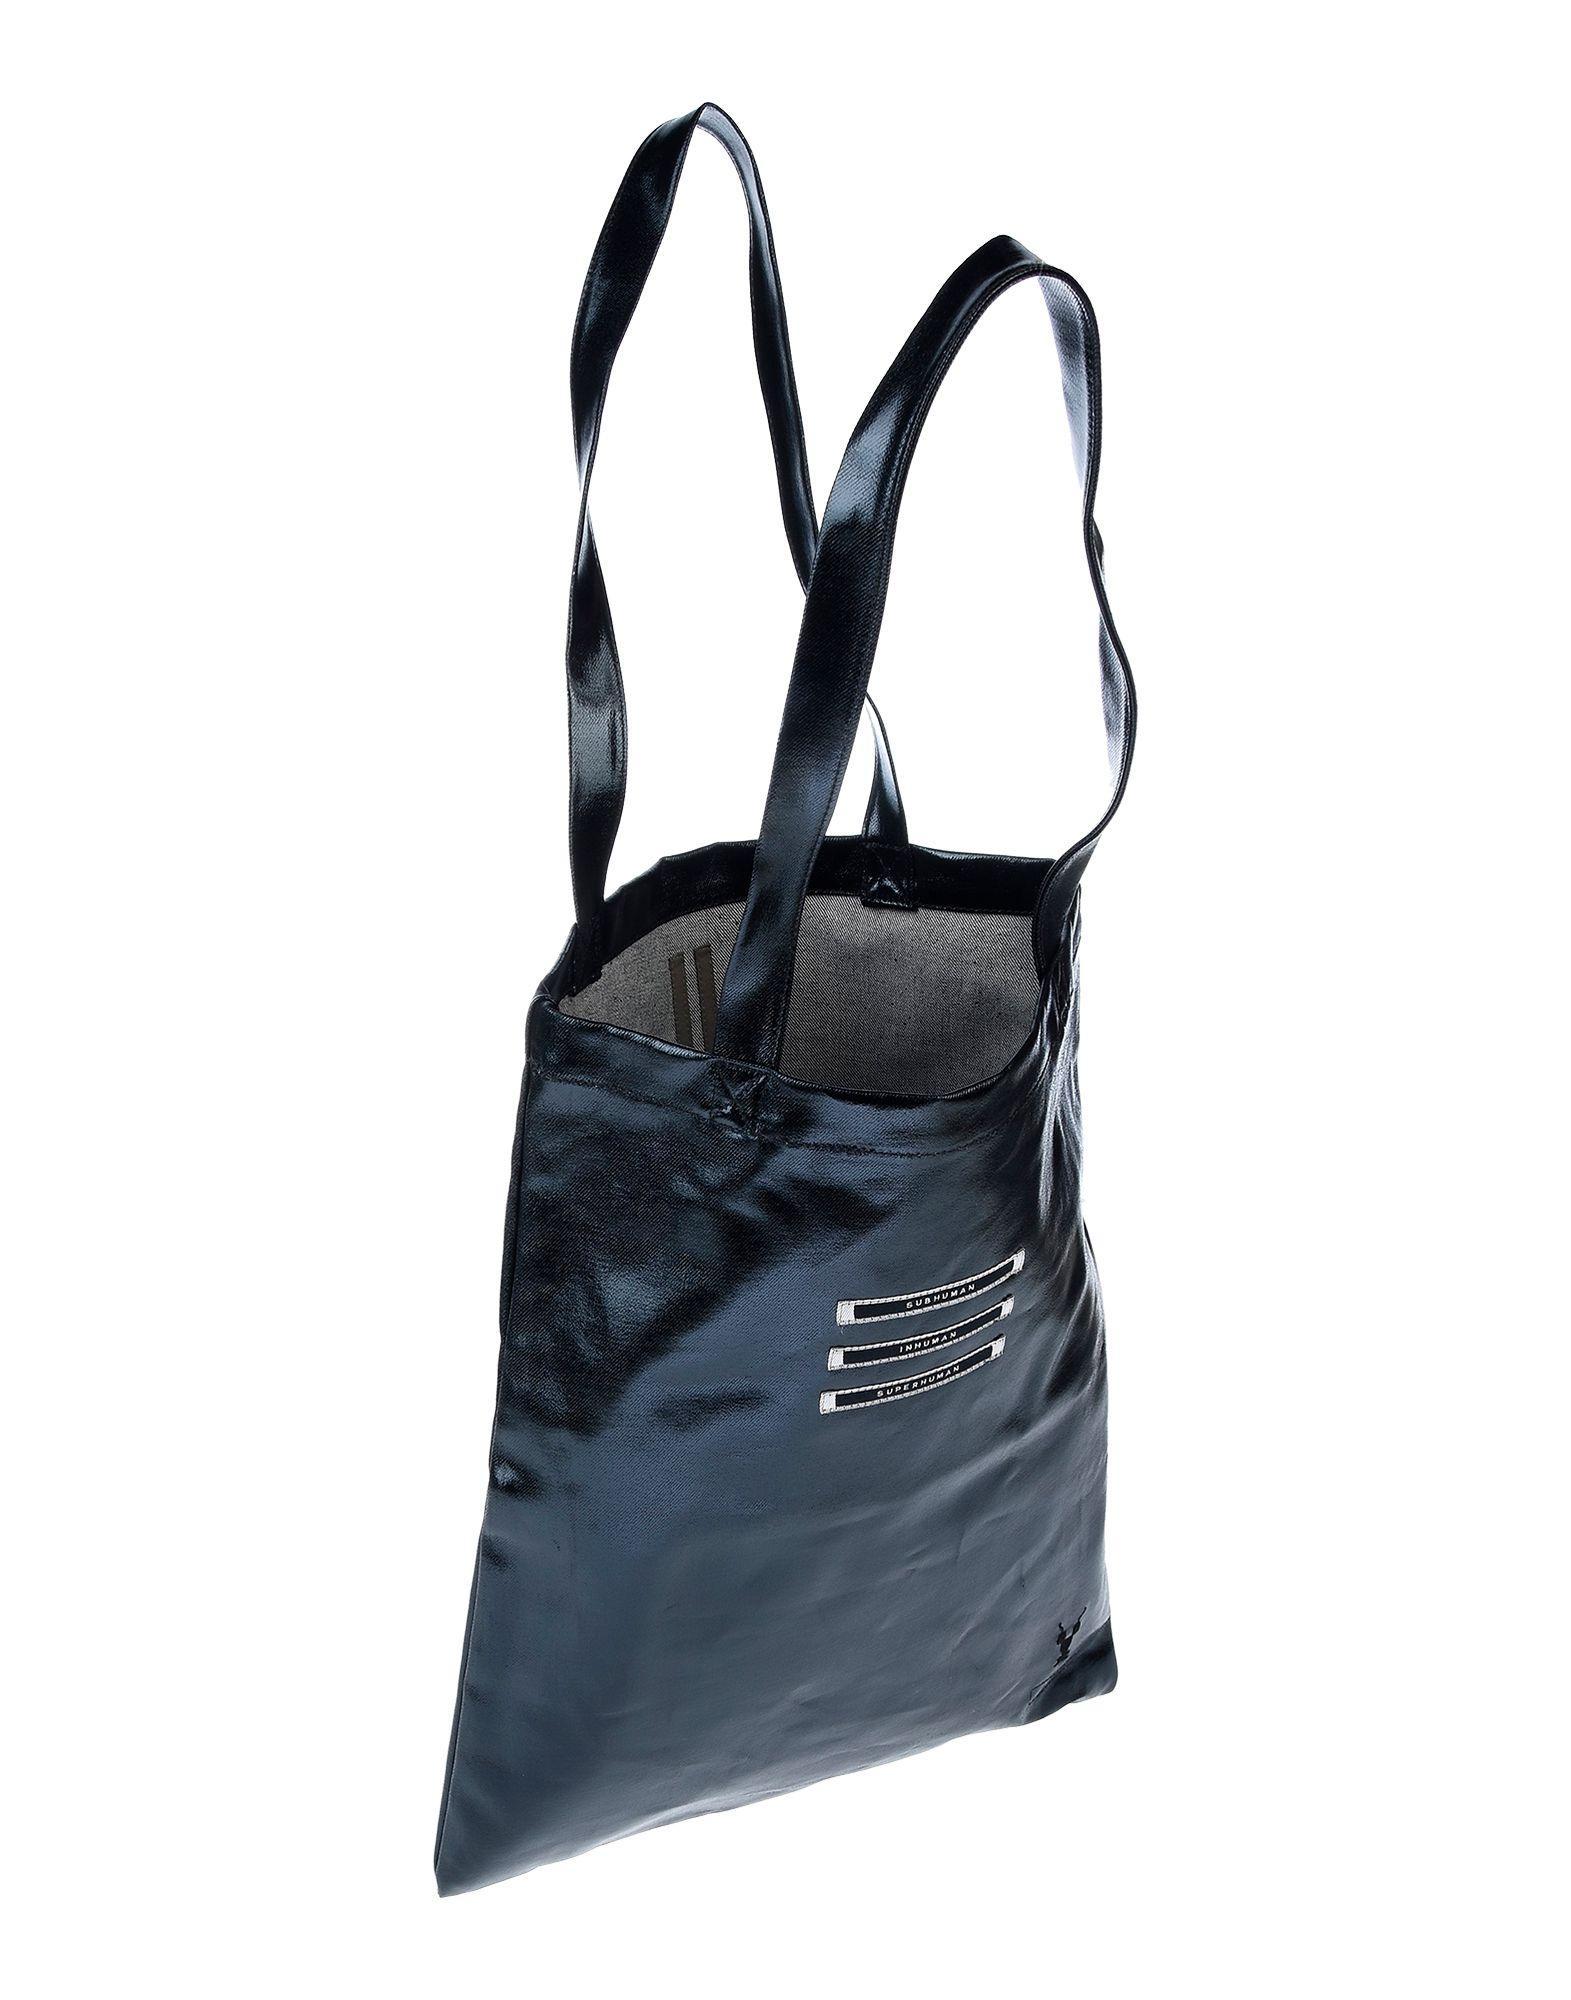 Lyst - Drkshdw By Rick Owens Shoulder Bag in Black for Men c0807a23a5119